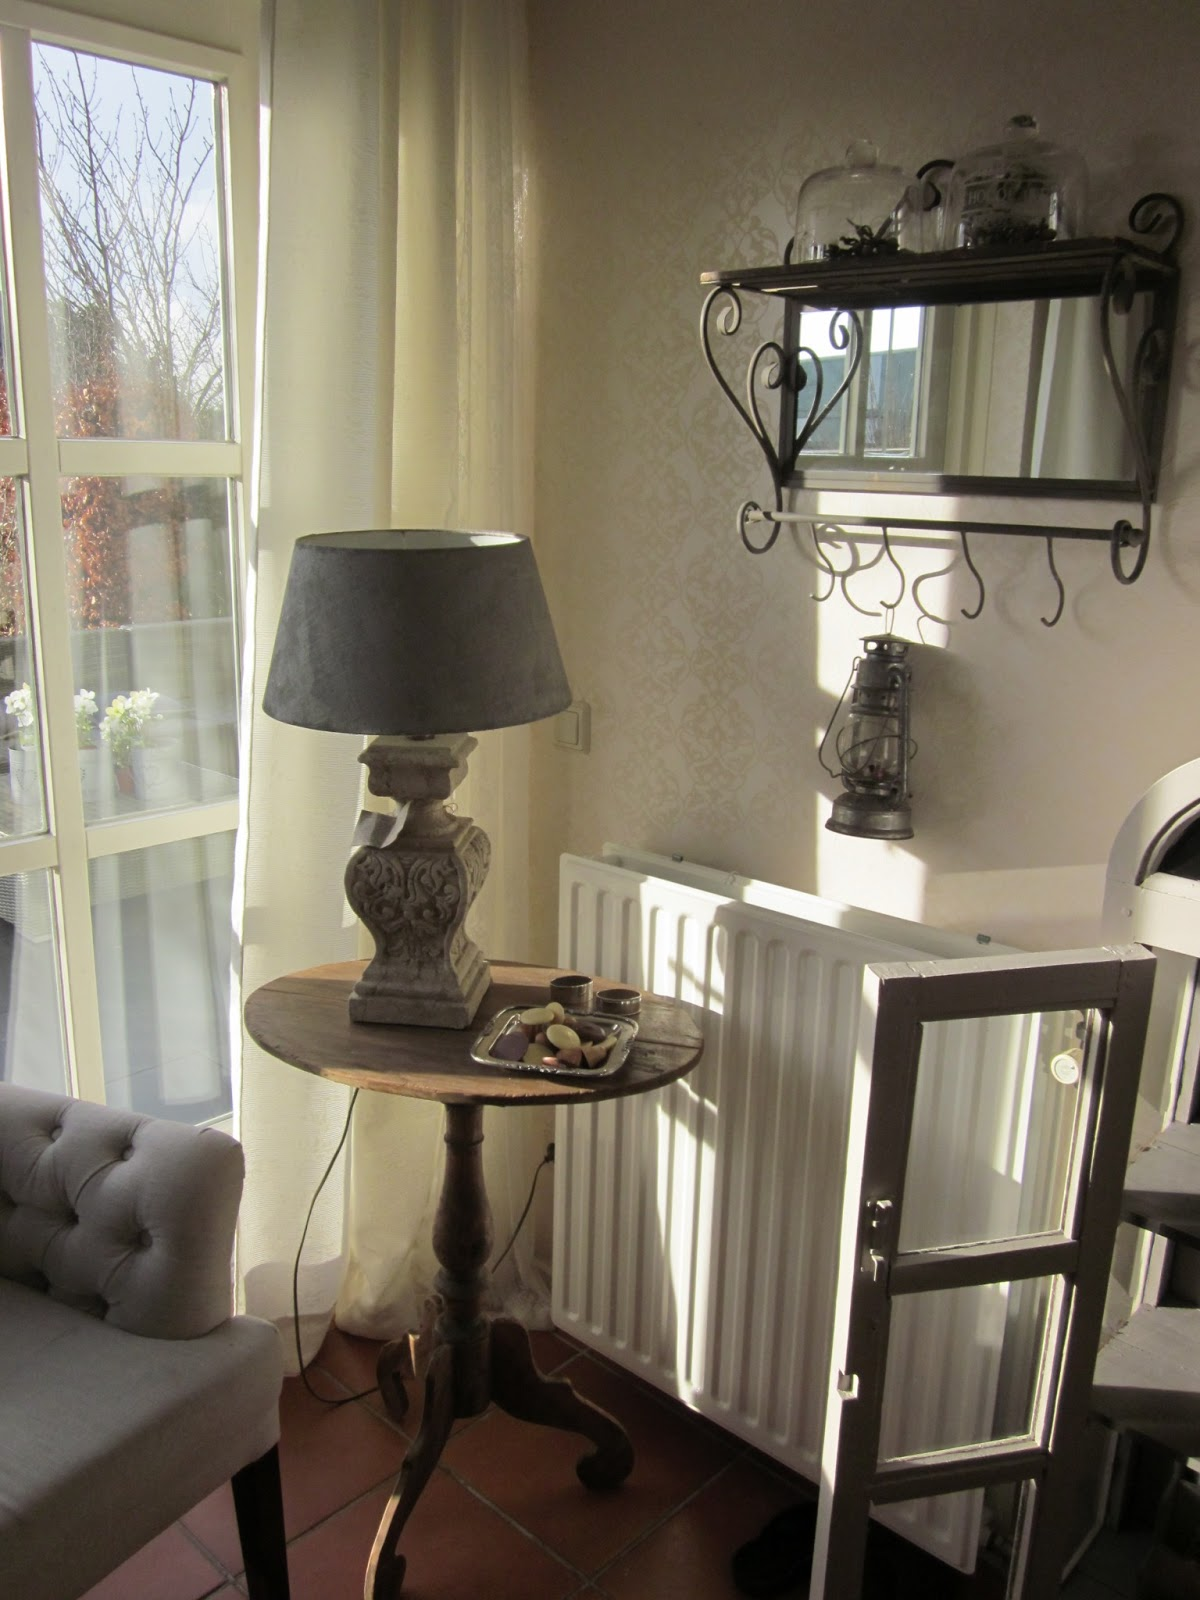 lampen landelijke stijl great lampen landelijke stijl with lampen landelijke stijl great stl. Black Bedroom Furniture Sets. Home Design Ideas